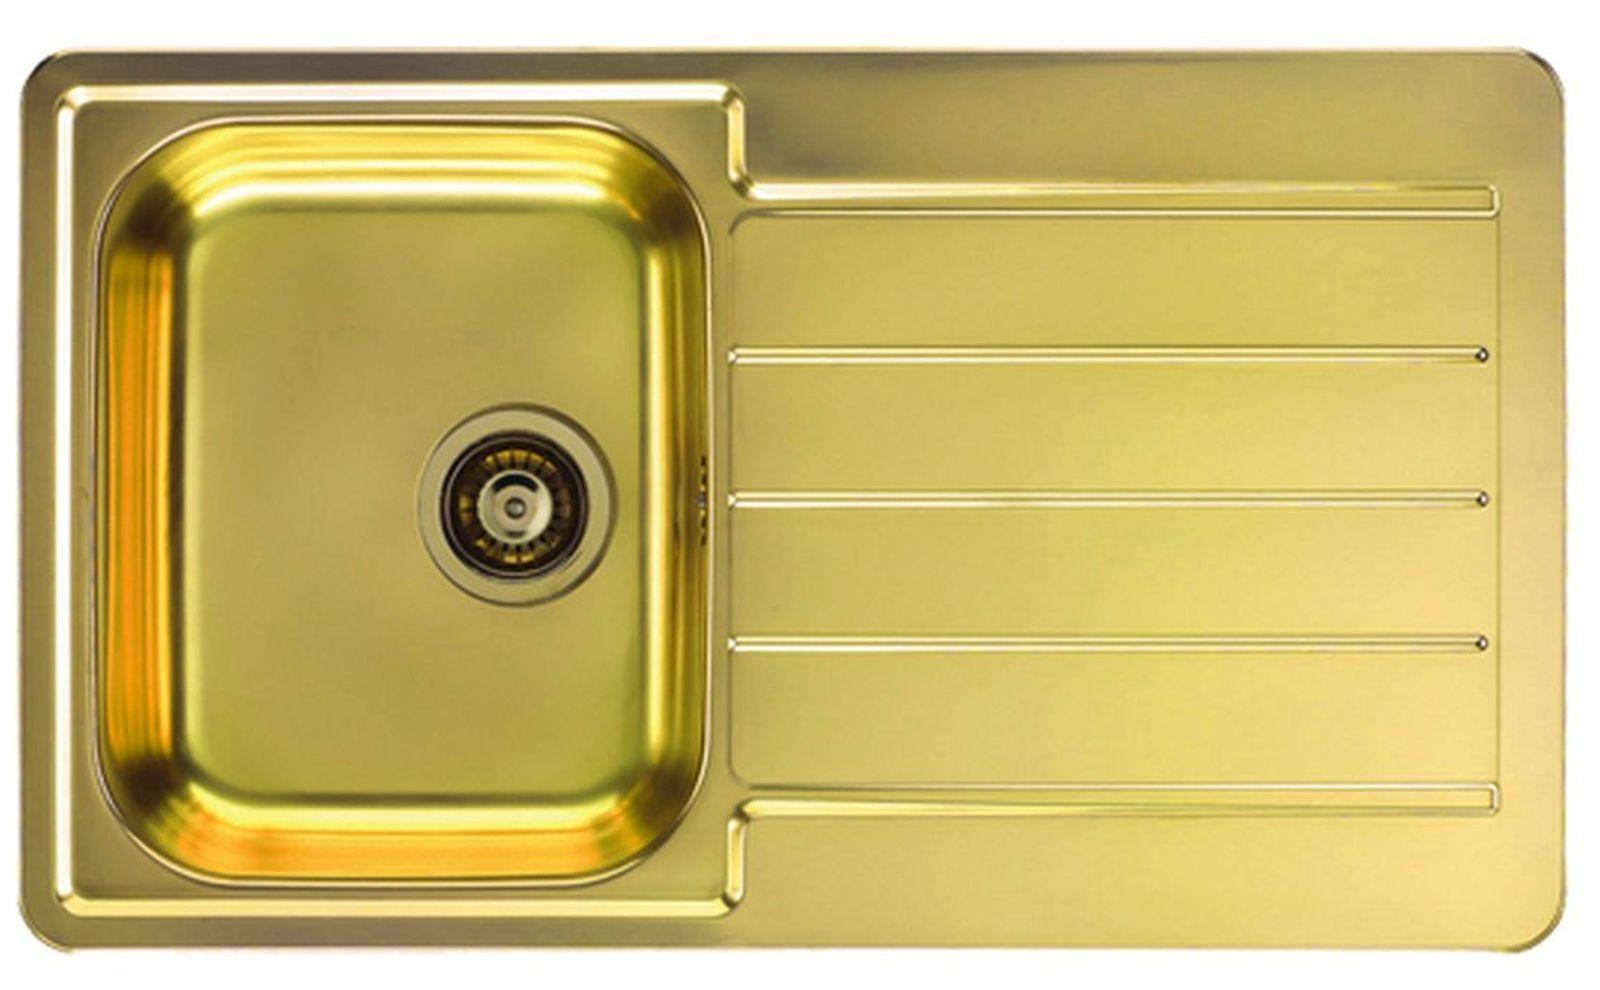 Alveus Einbau Küchenspüle Line 20 Spülbecken Kupfer, Anthrazit, Gold ...